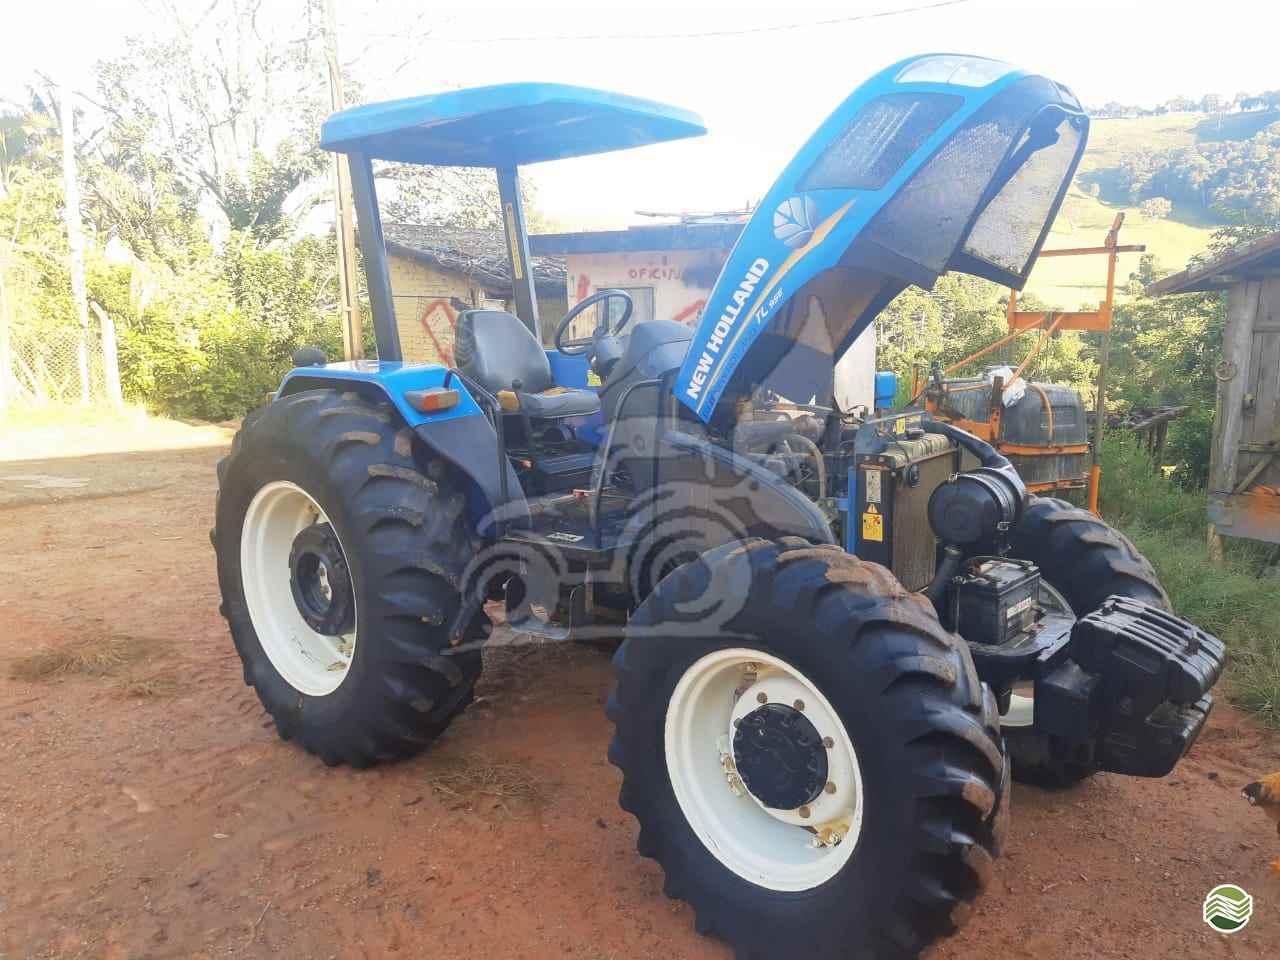 TRATOR NEW HOLLAND NEW TL 95 Tração 4x4 EP Máquinas e Implementos Agrícolas CRISTALINA GOIAS GO